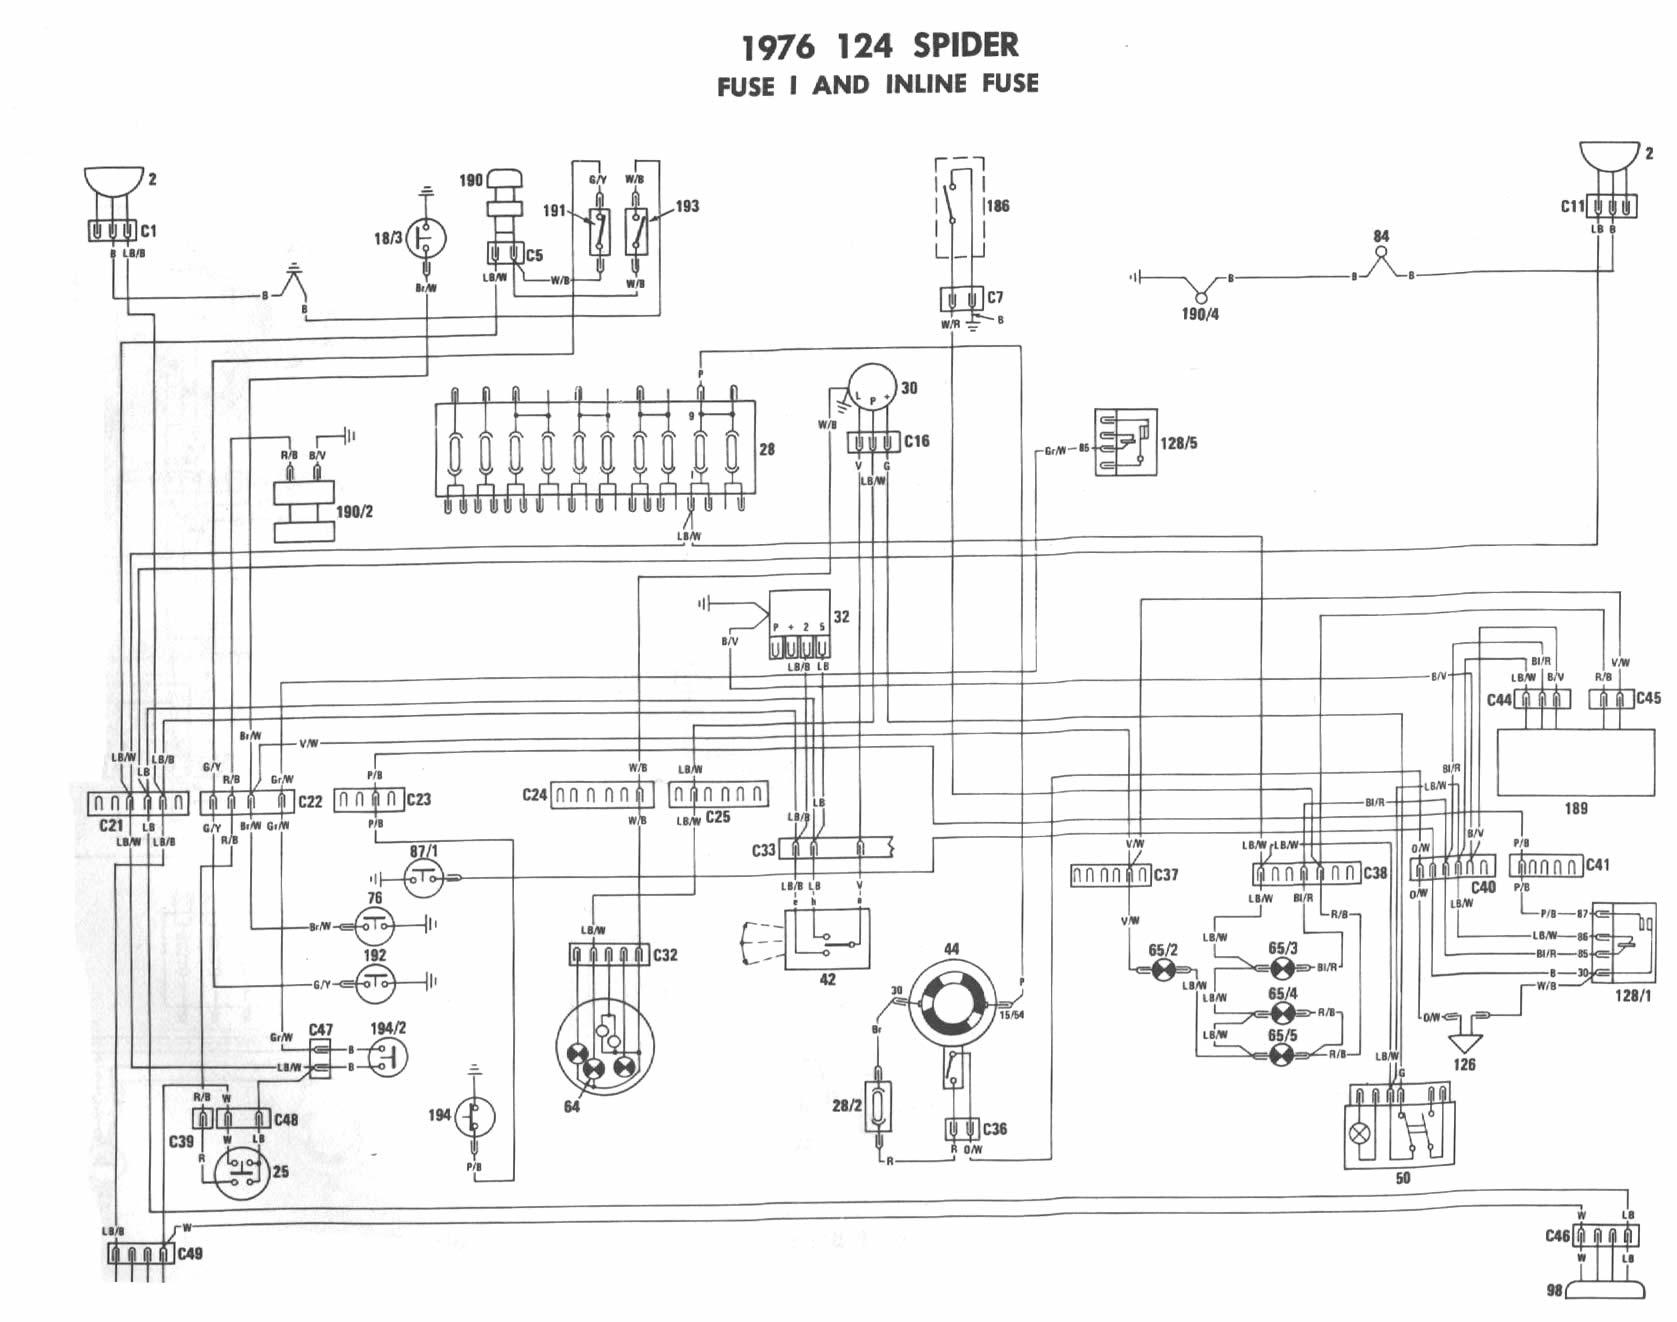 apexis wiring diagram 62 schwabenschamanen de \u2022 Simplicity Electric Clutch Diagram apexis wiring diagram wiring diagram rh 18 steinkatz de